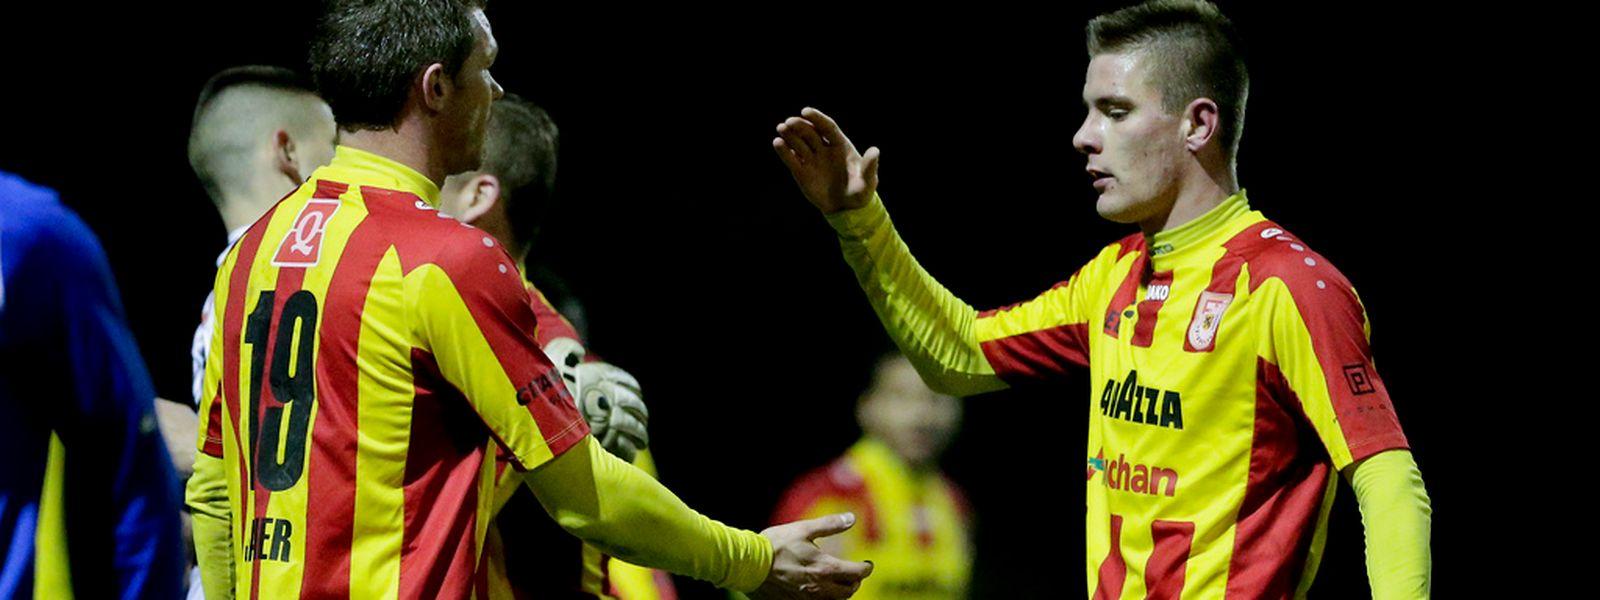 Die F91-Spieler Julien Jahier und David Turpel (r.) freuen sich über den Einzug ins Viertelfinale.